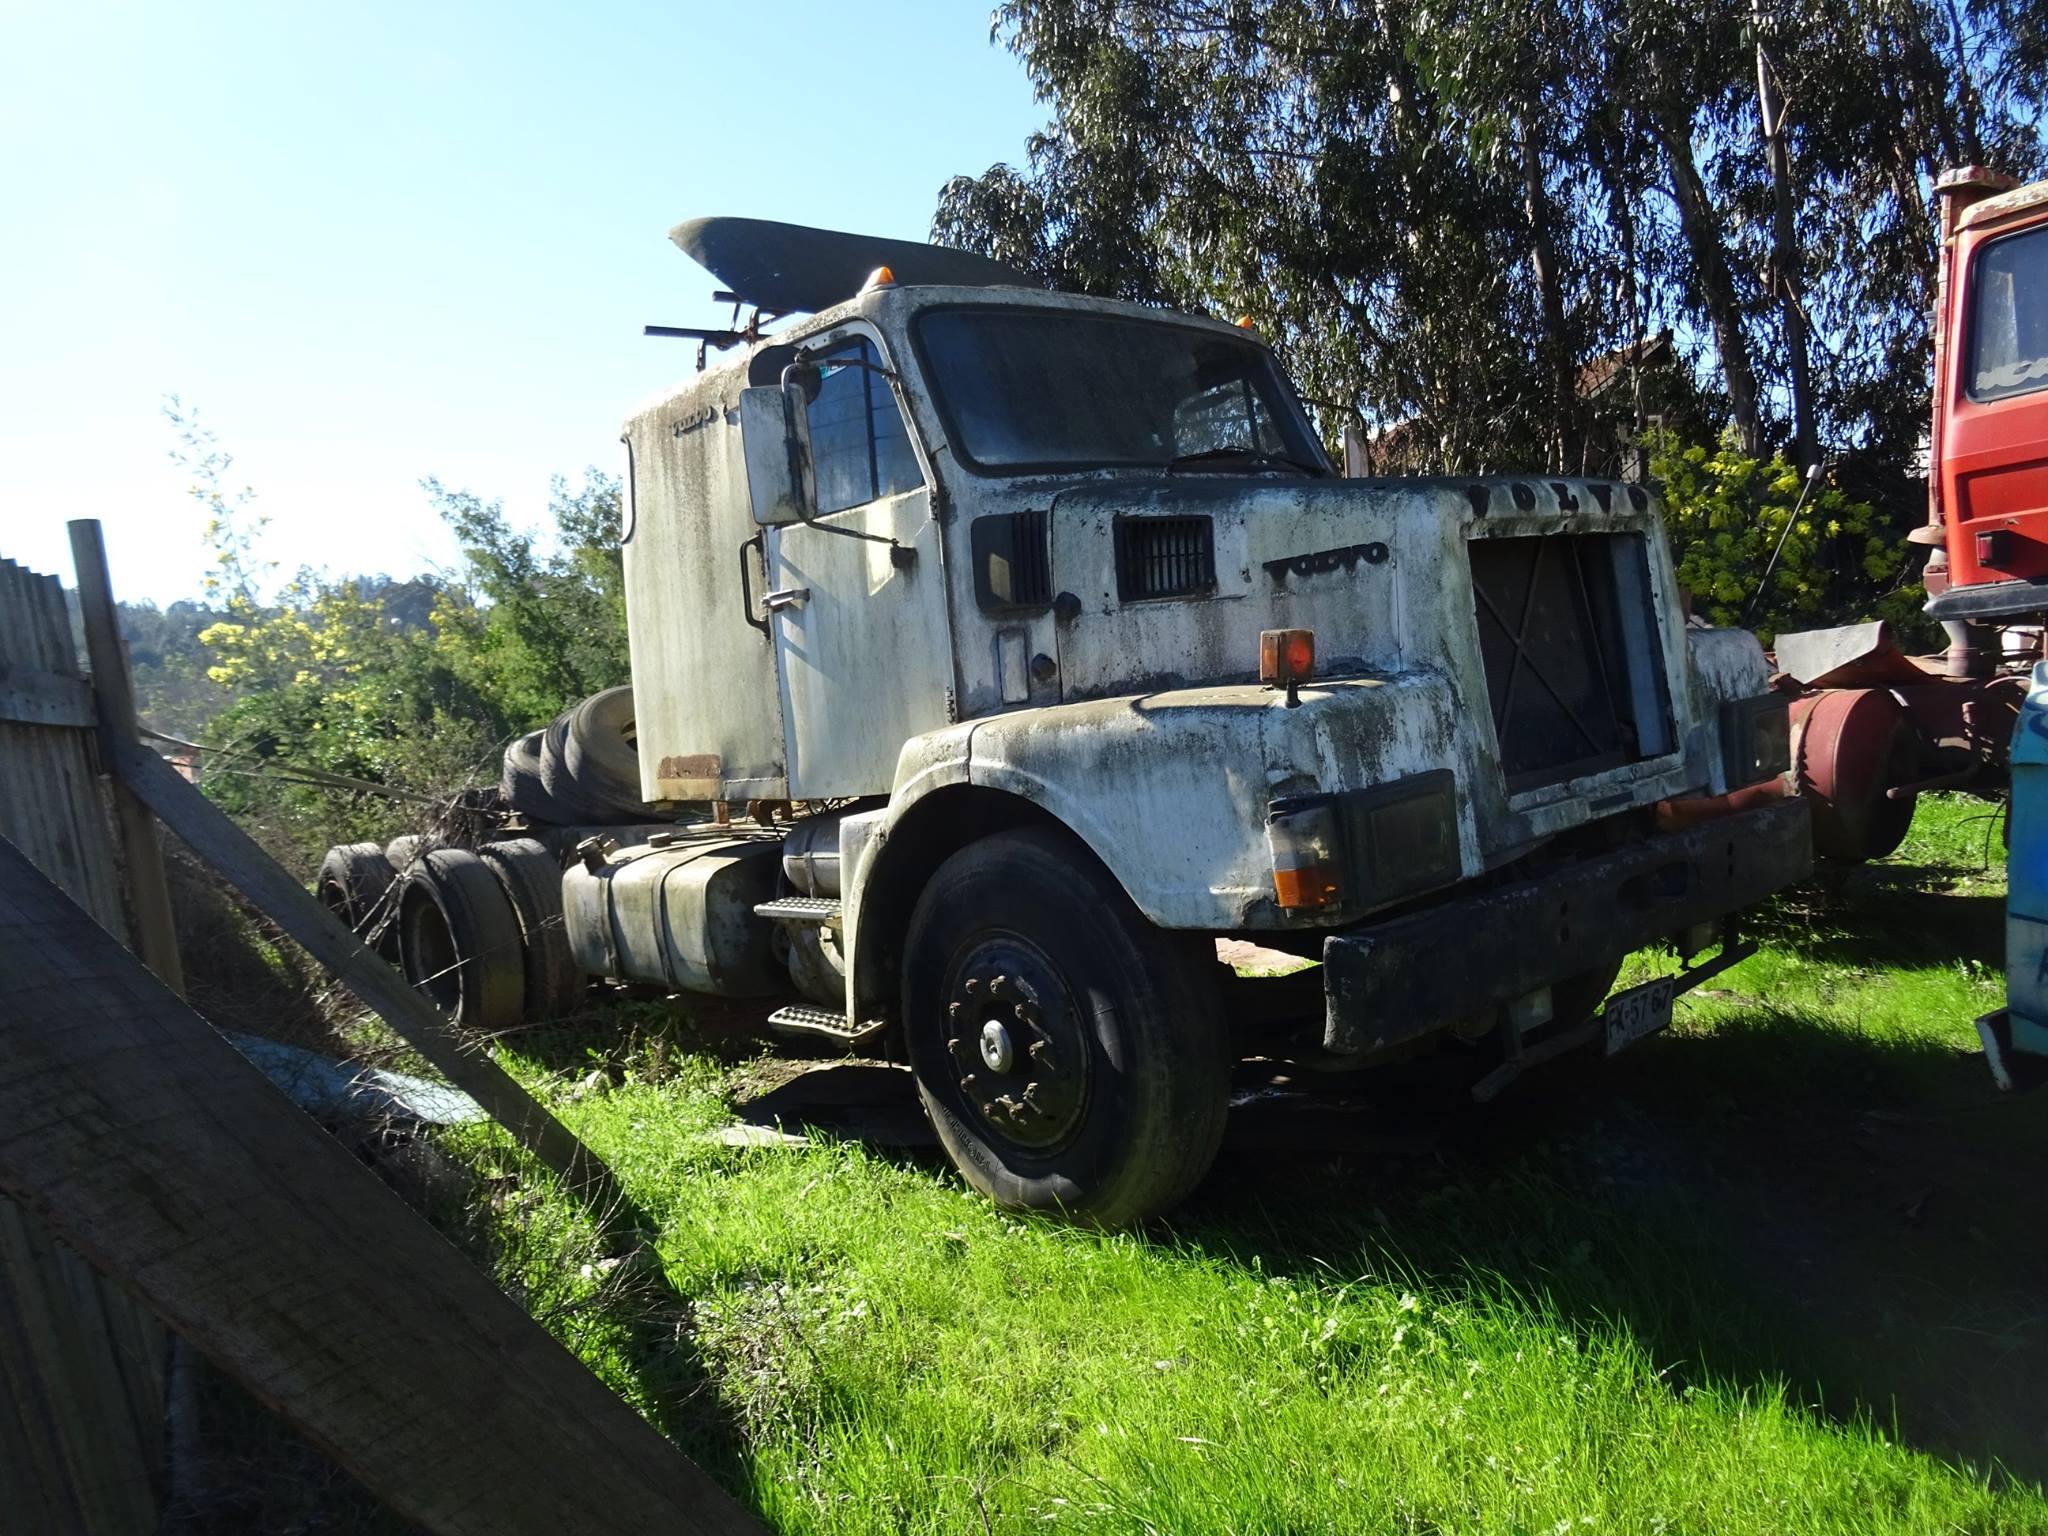 Camiones-vieja-escuela-olvidados-40